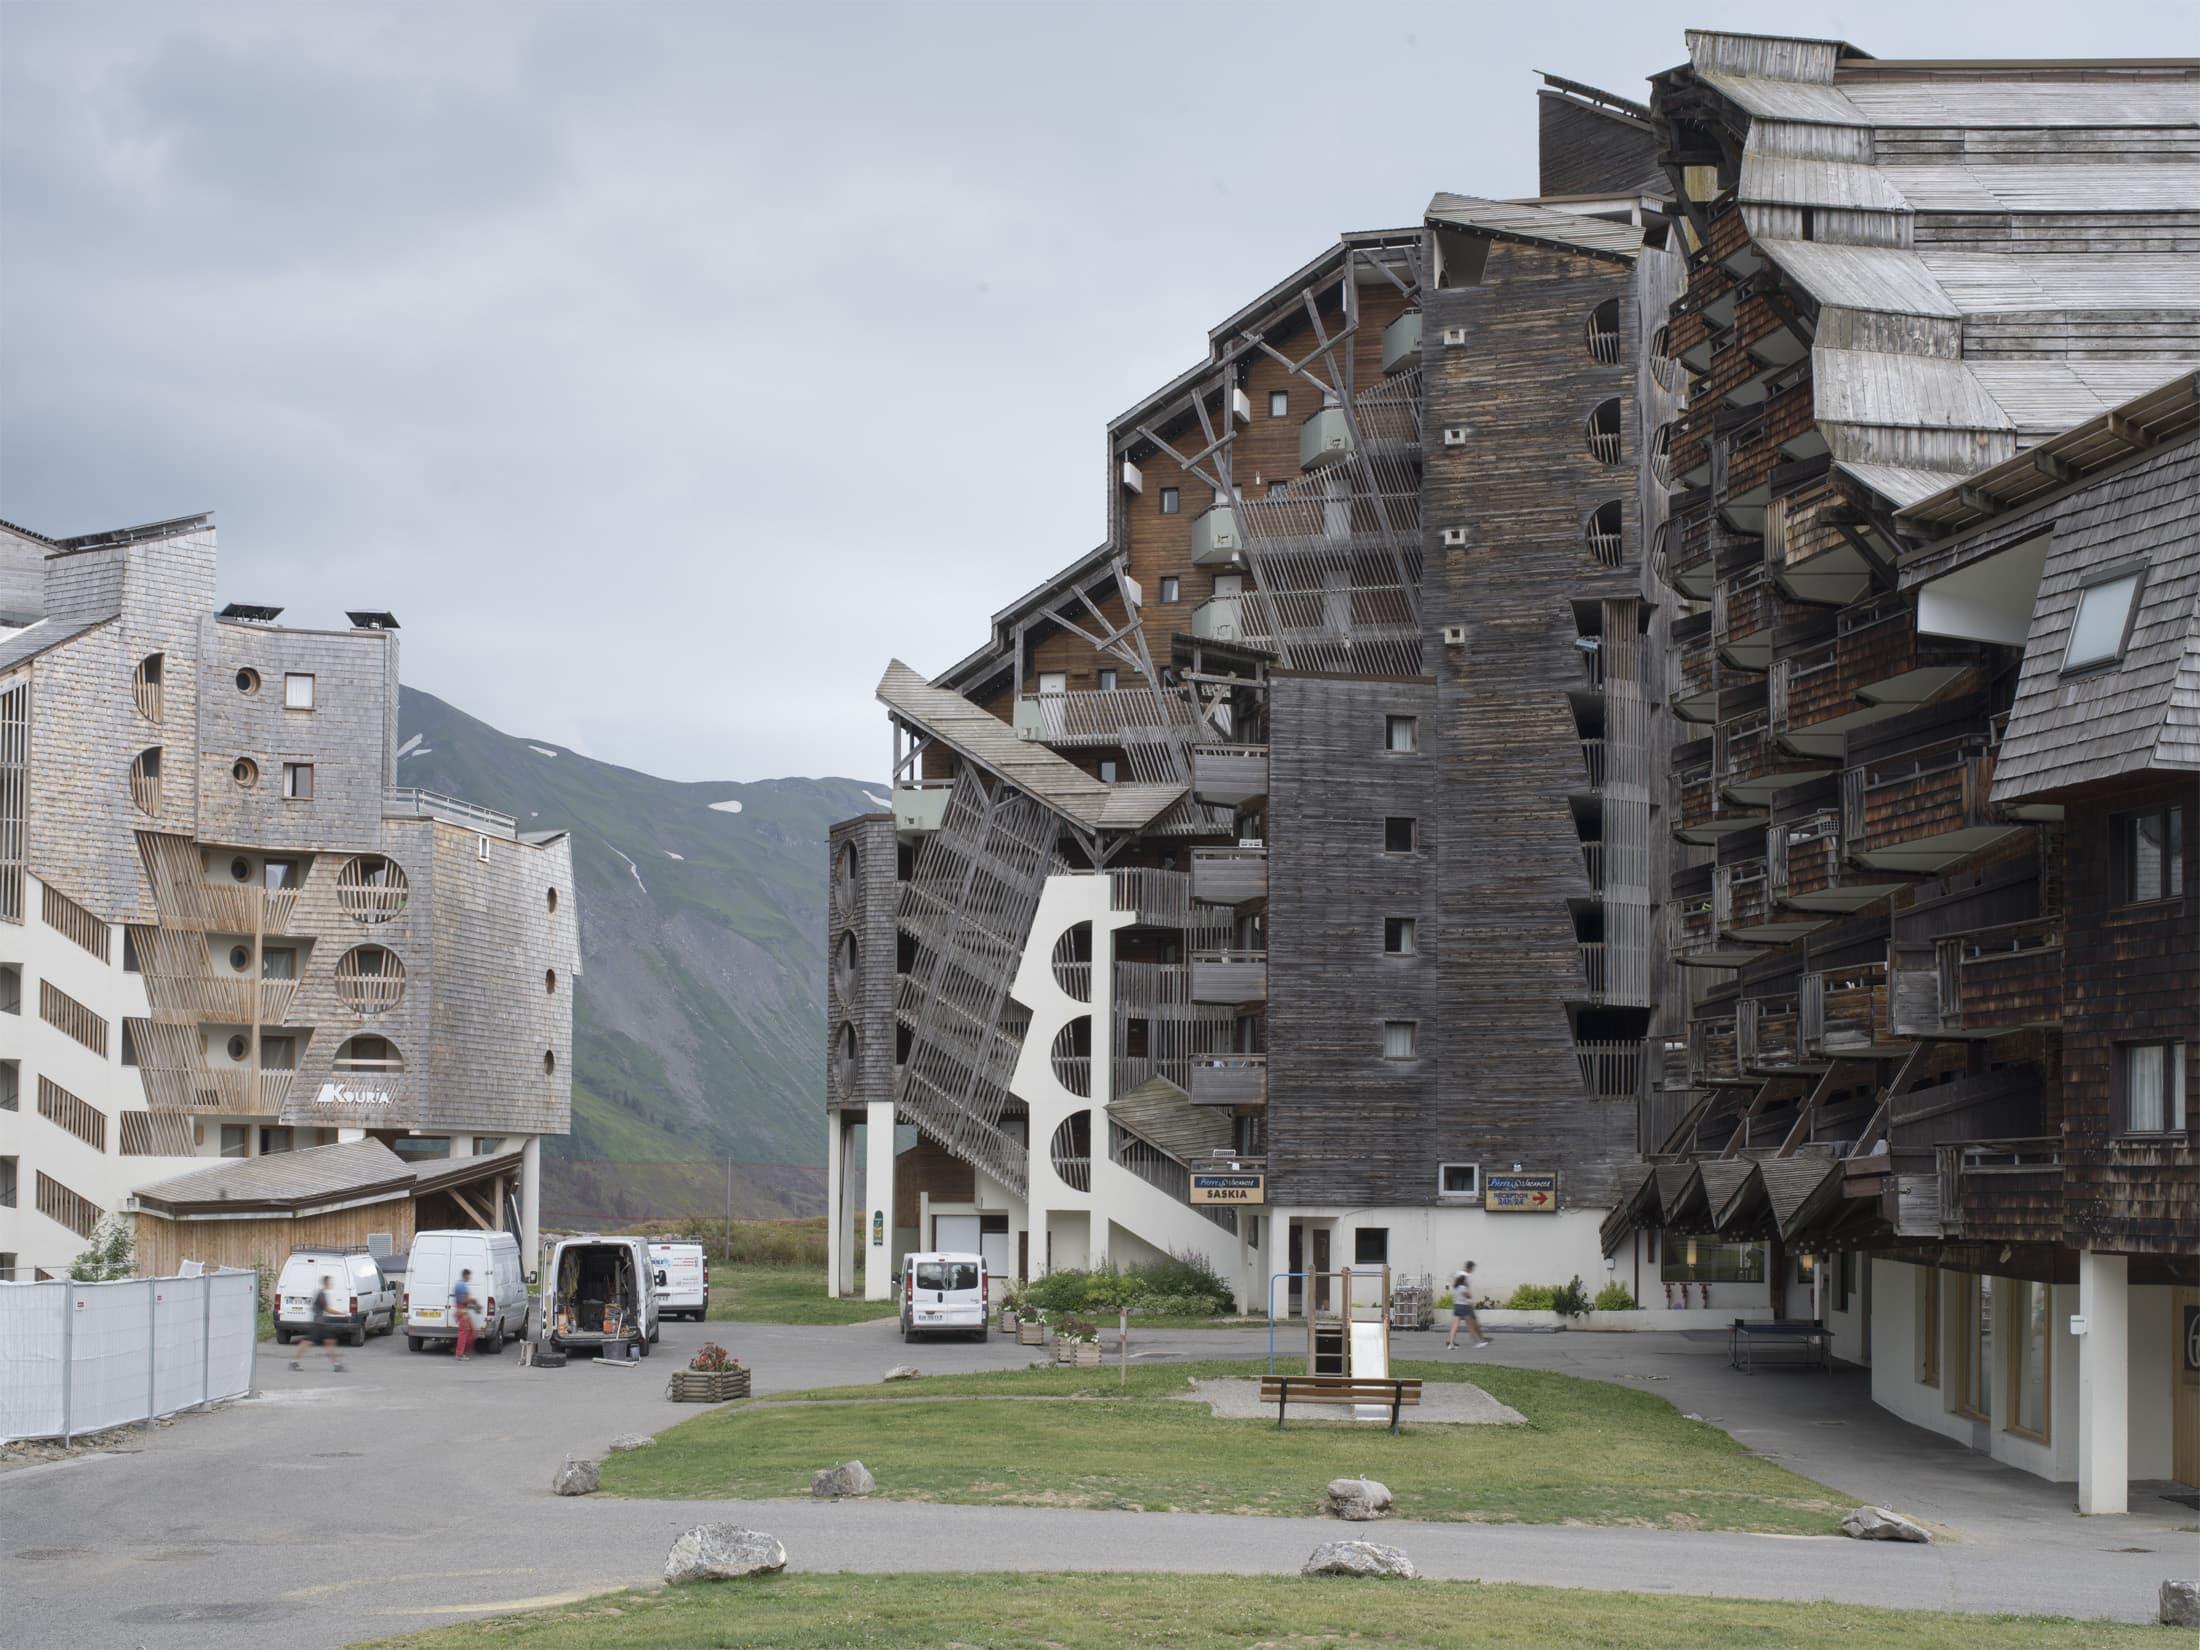 hautes construction dans la station d'Avoriaz